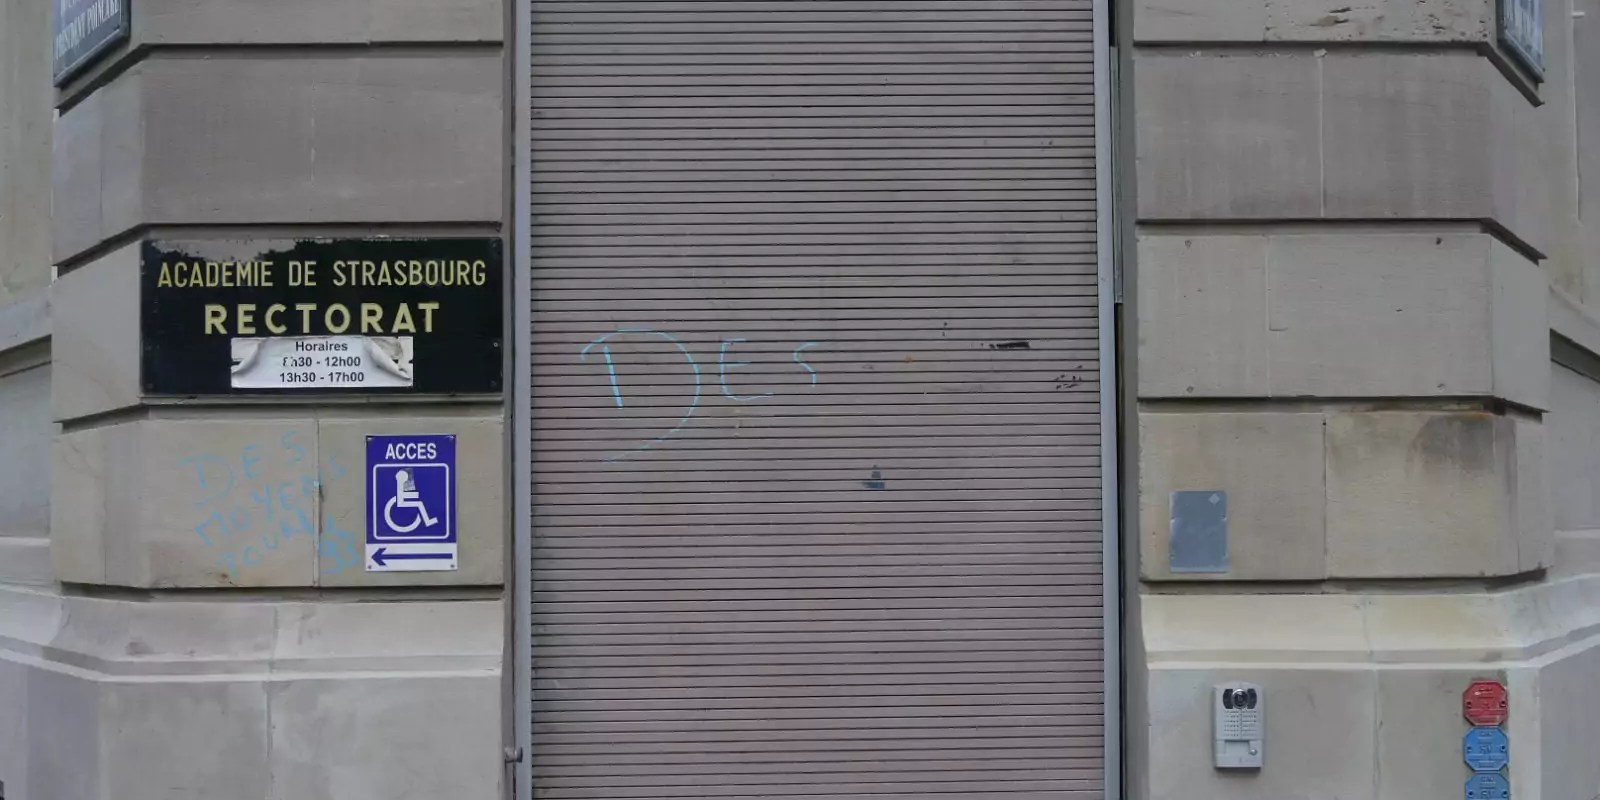 Les fonctionnaires du rectorat de Strasbourg au bord de la rupture